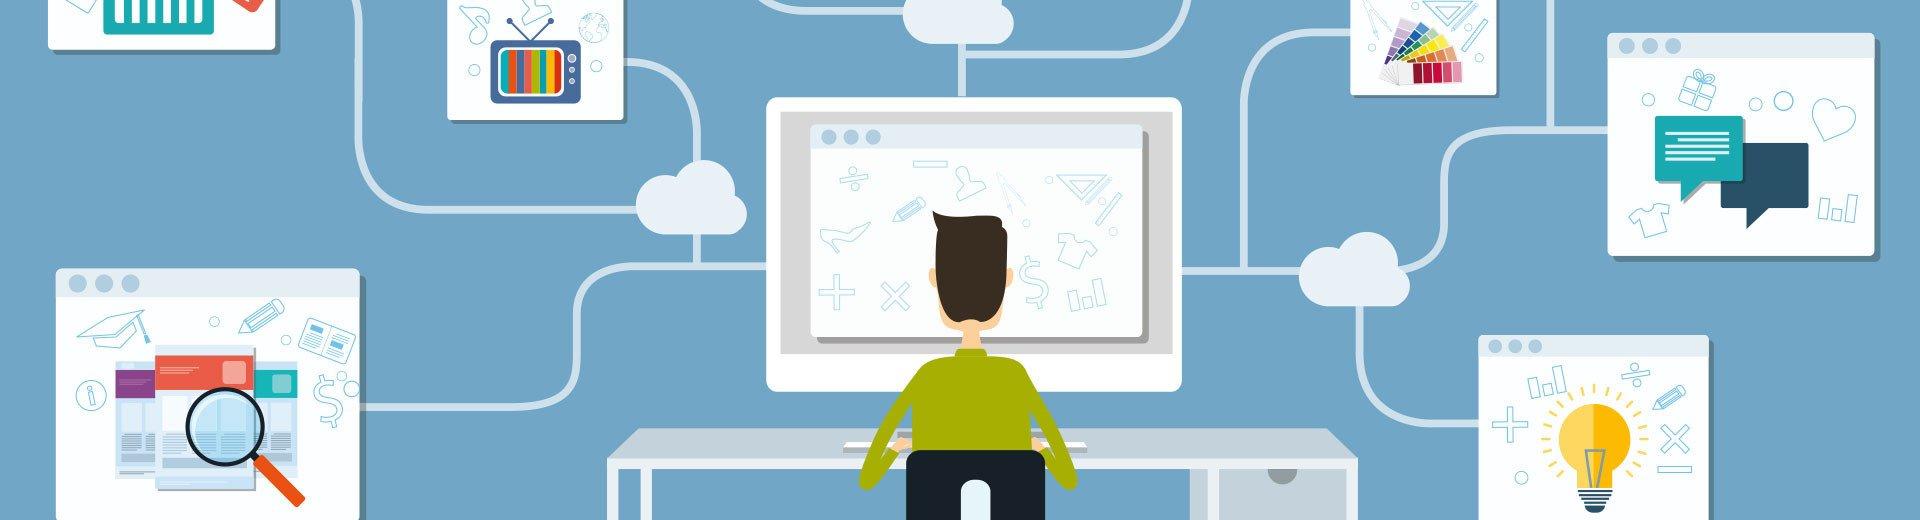 Okładka artykułu Jak zwrócić uwagę użytkownika za pomocą popupu — Z wykorzystaniem JavaScript